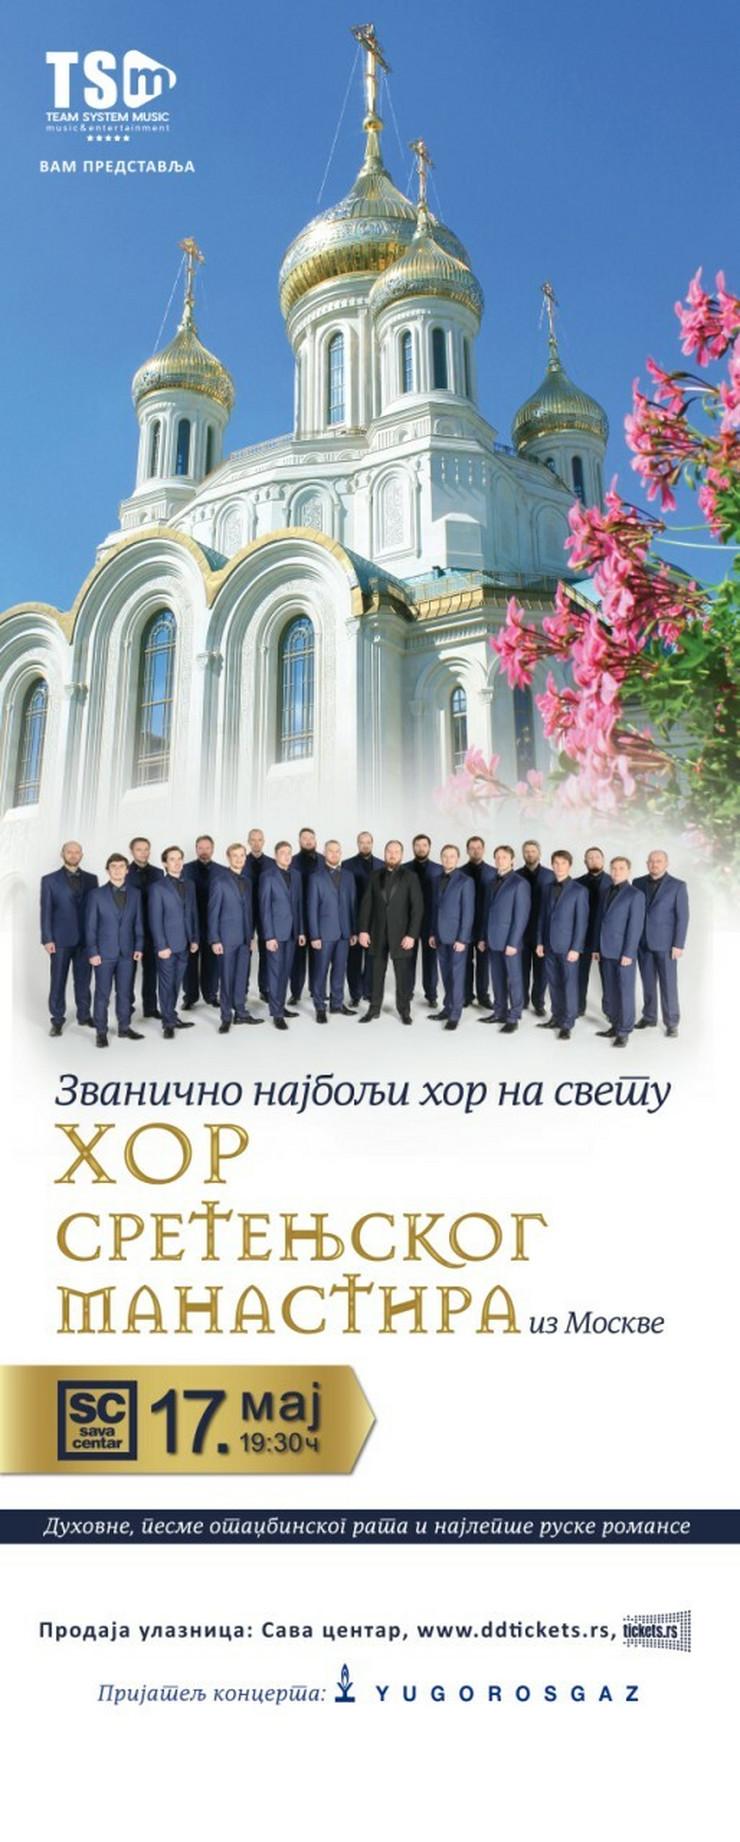 Hor moskovskog manastira